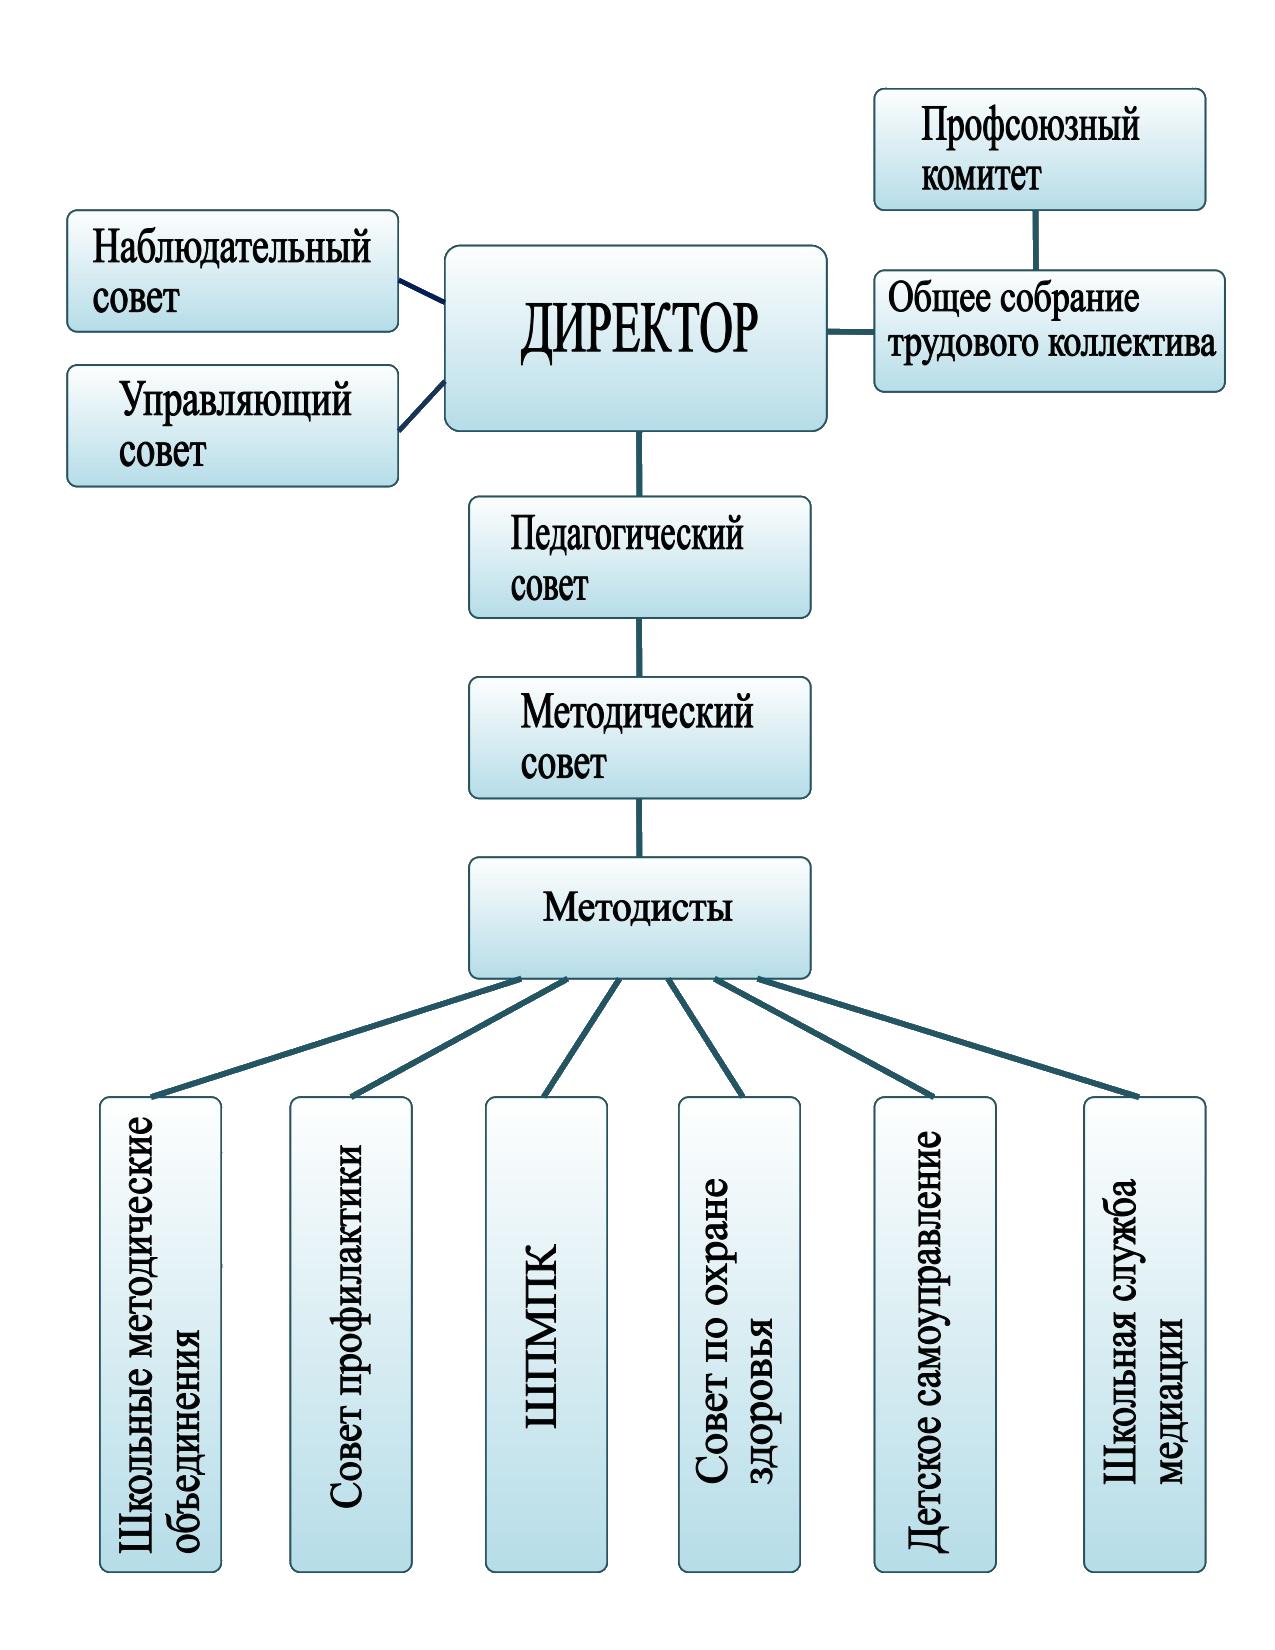 Структура и органы управления школы